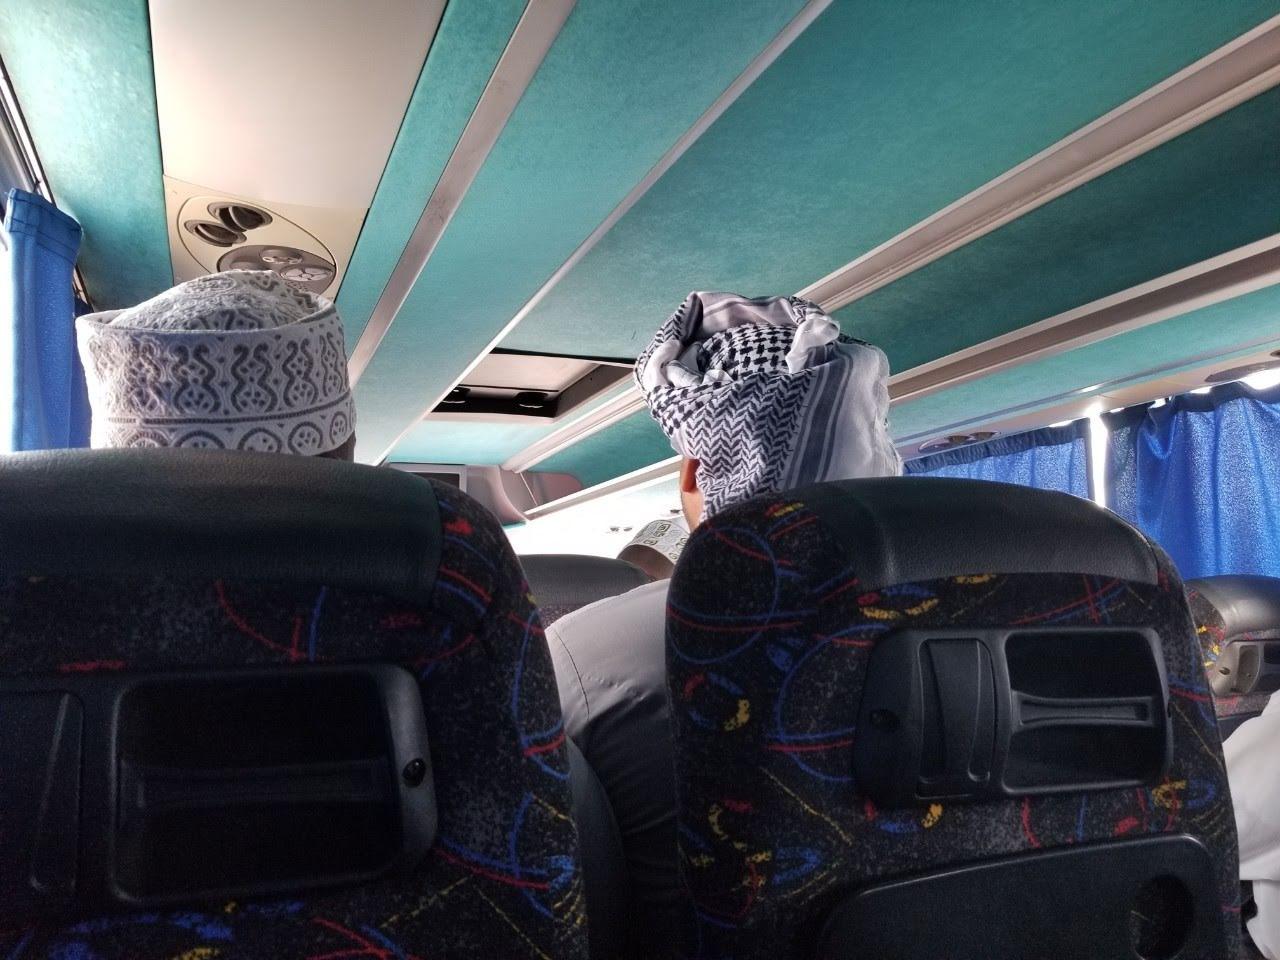 バスに乗るオマーン人